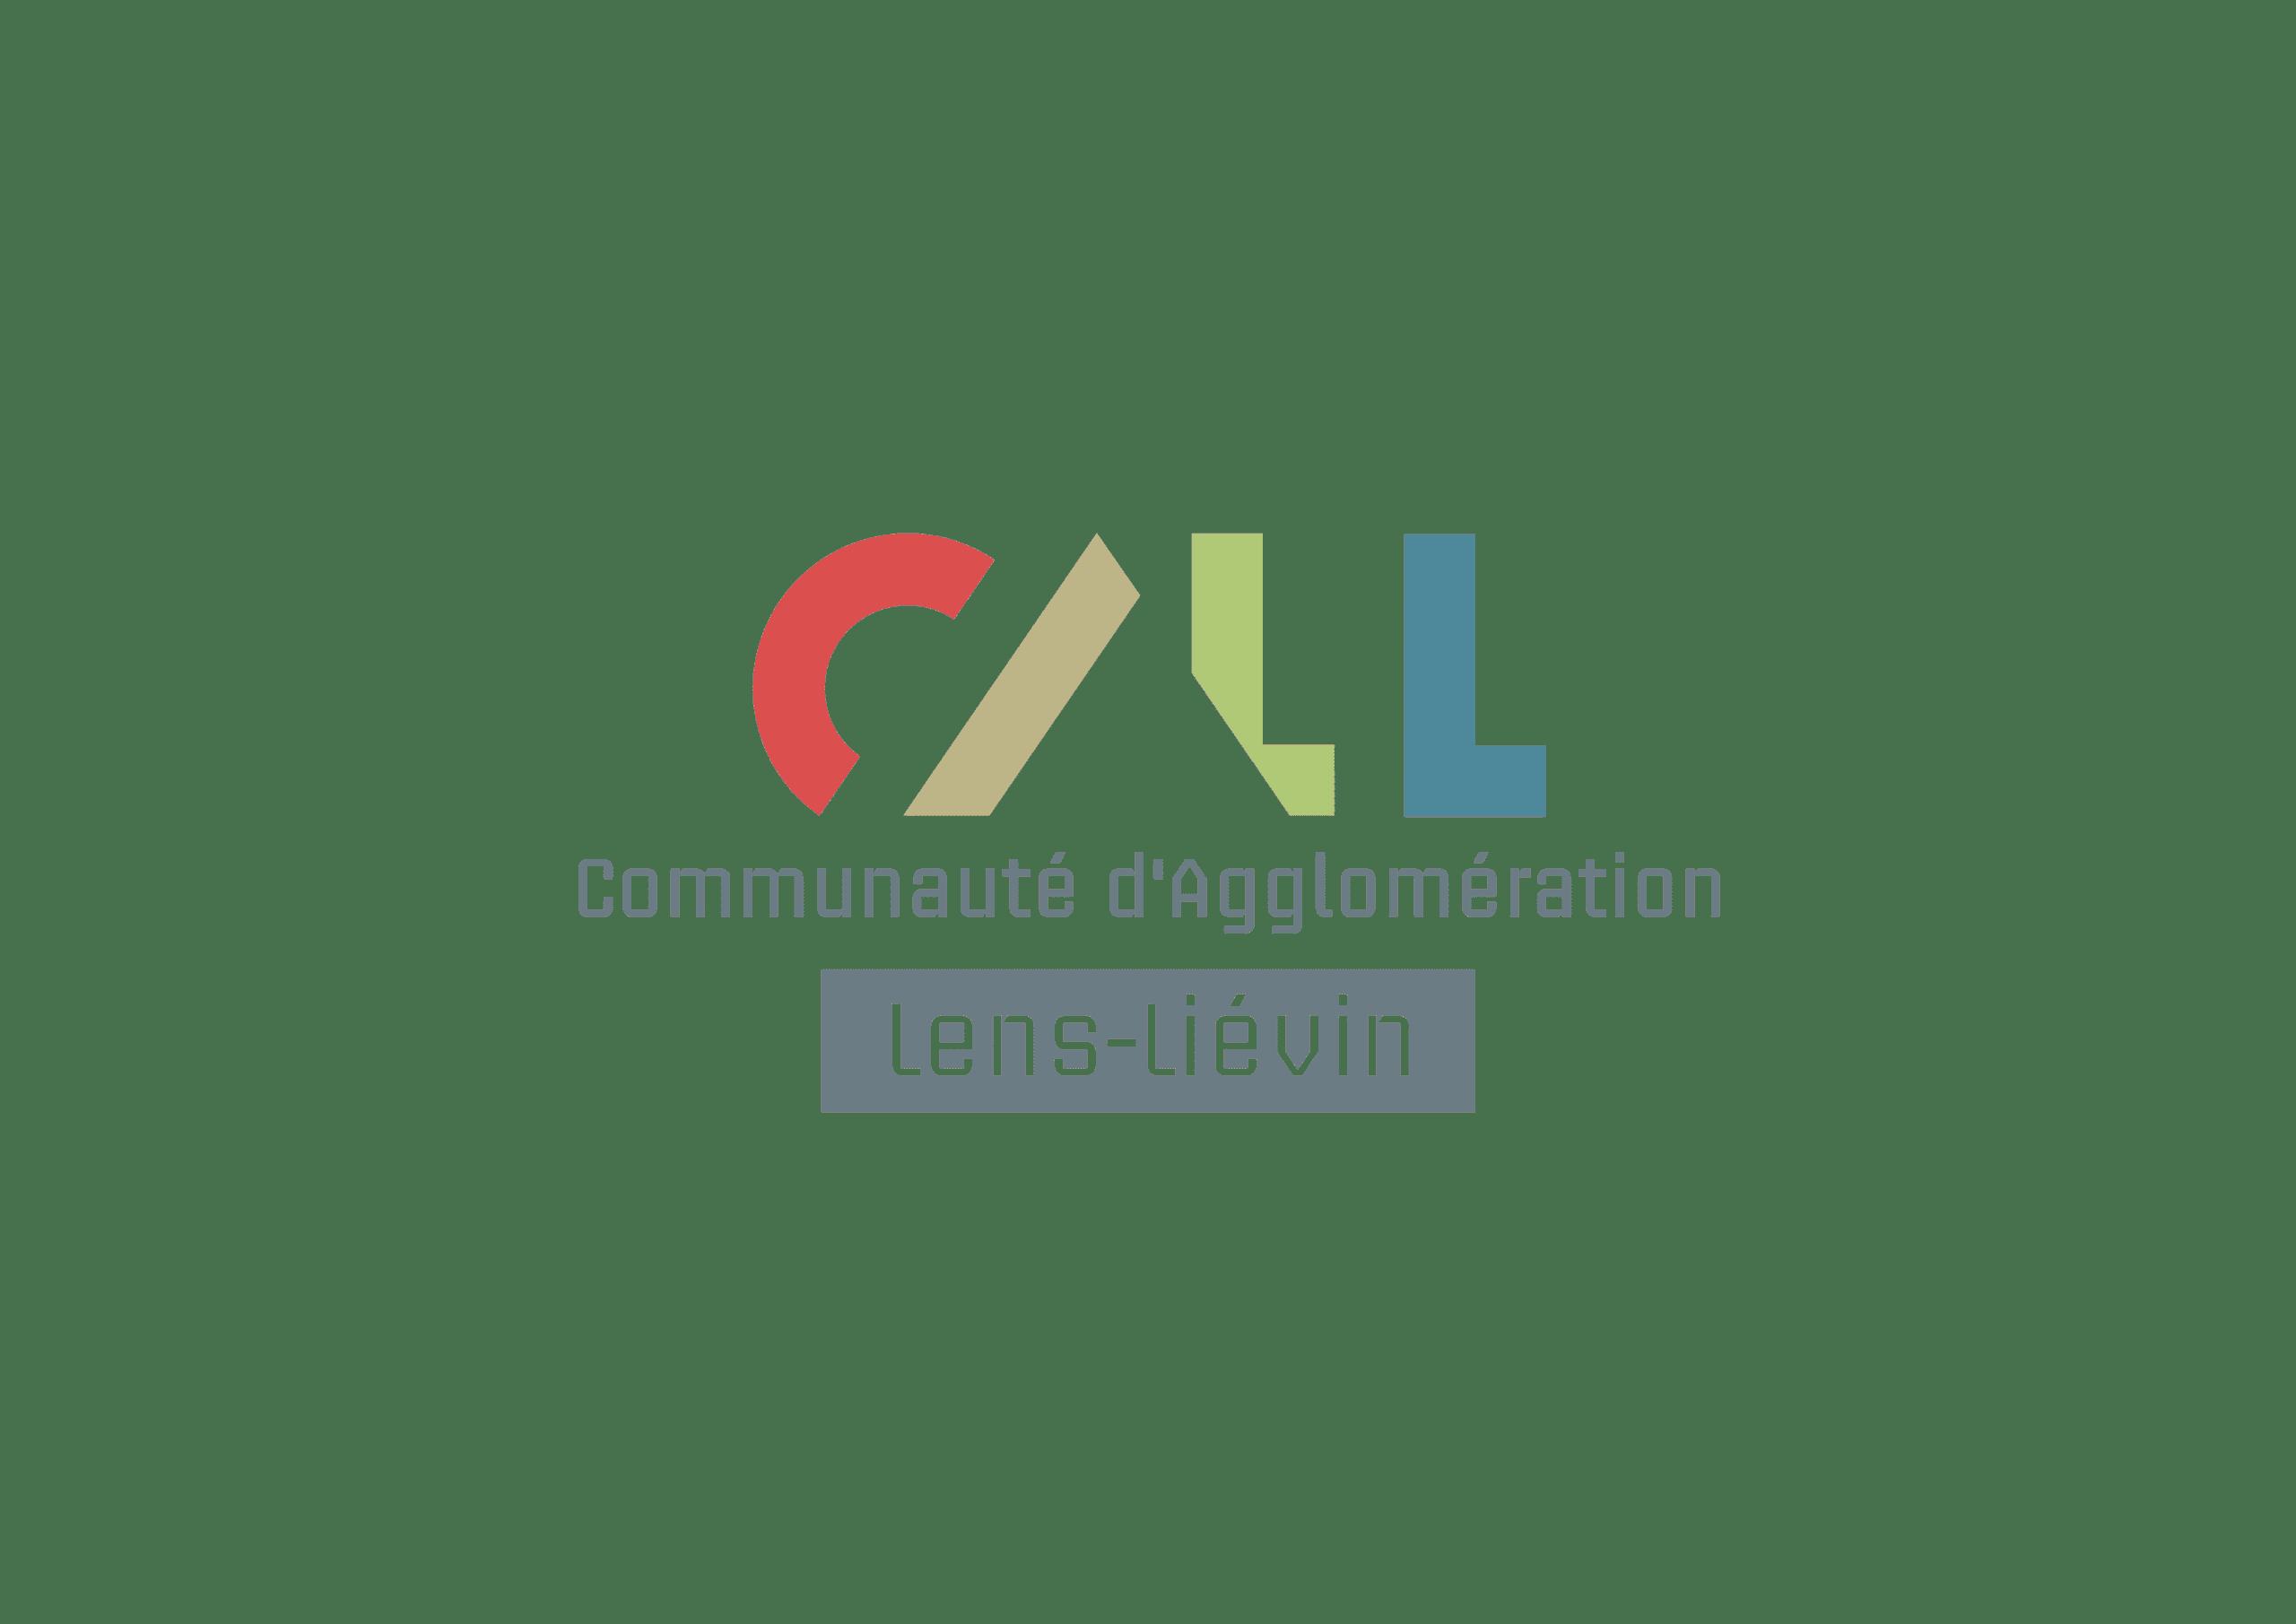 communauté d'agglomération Lens Lievin